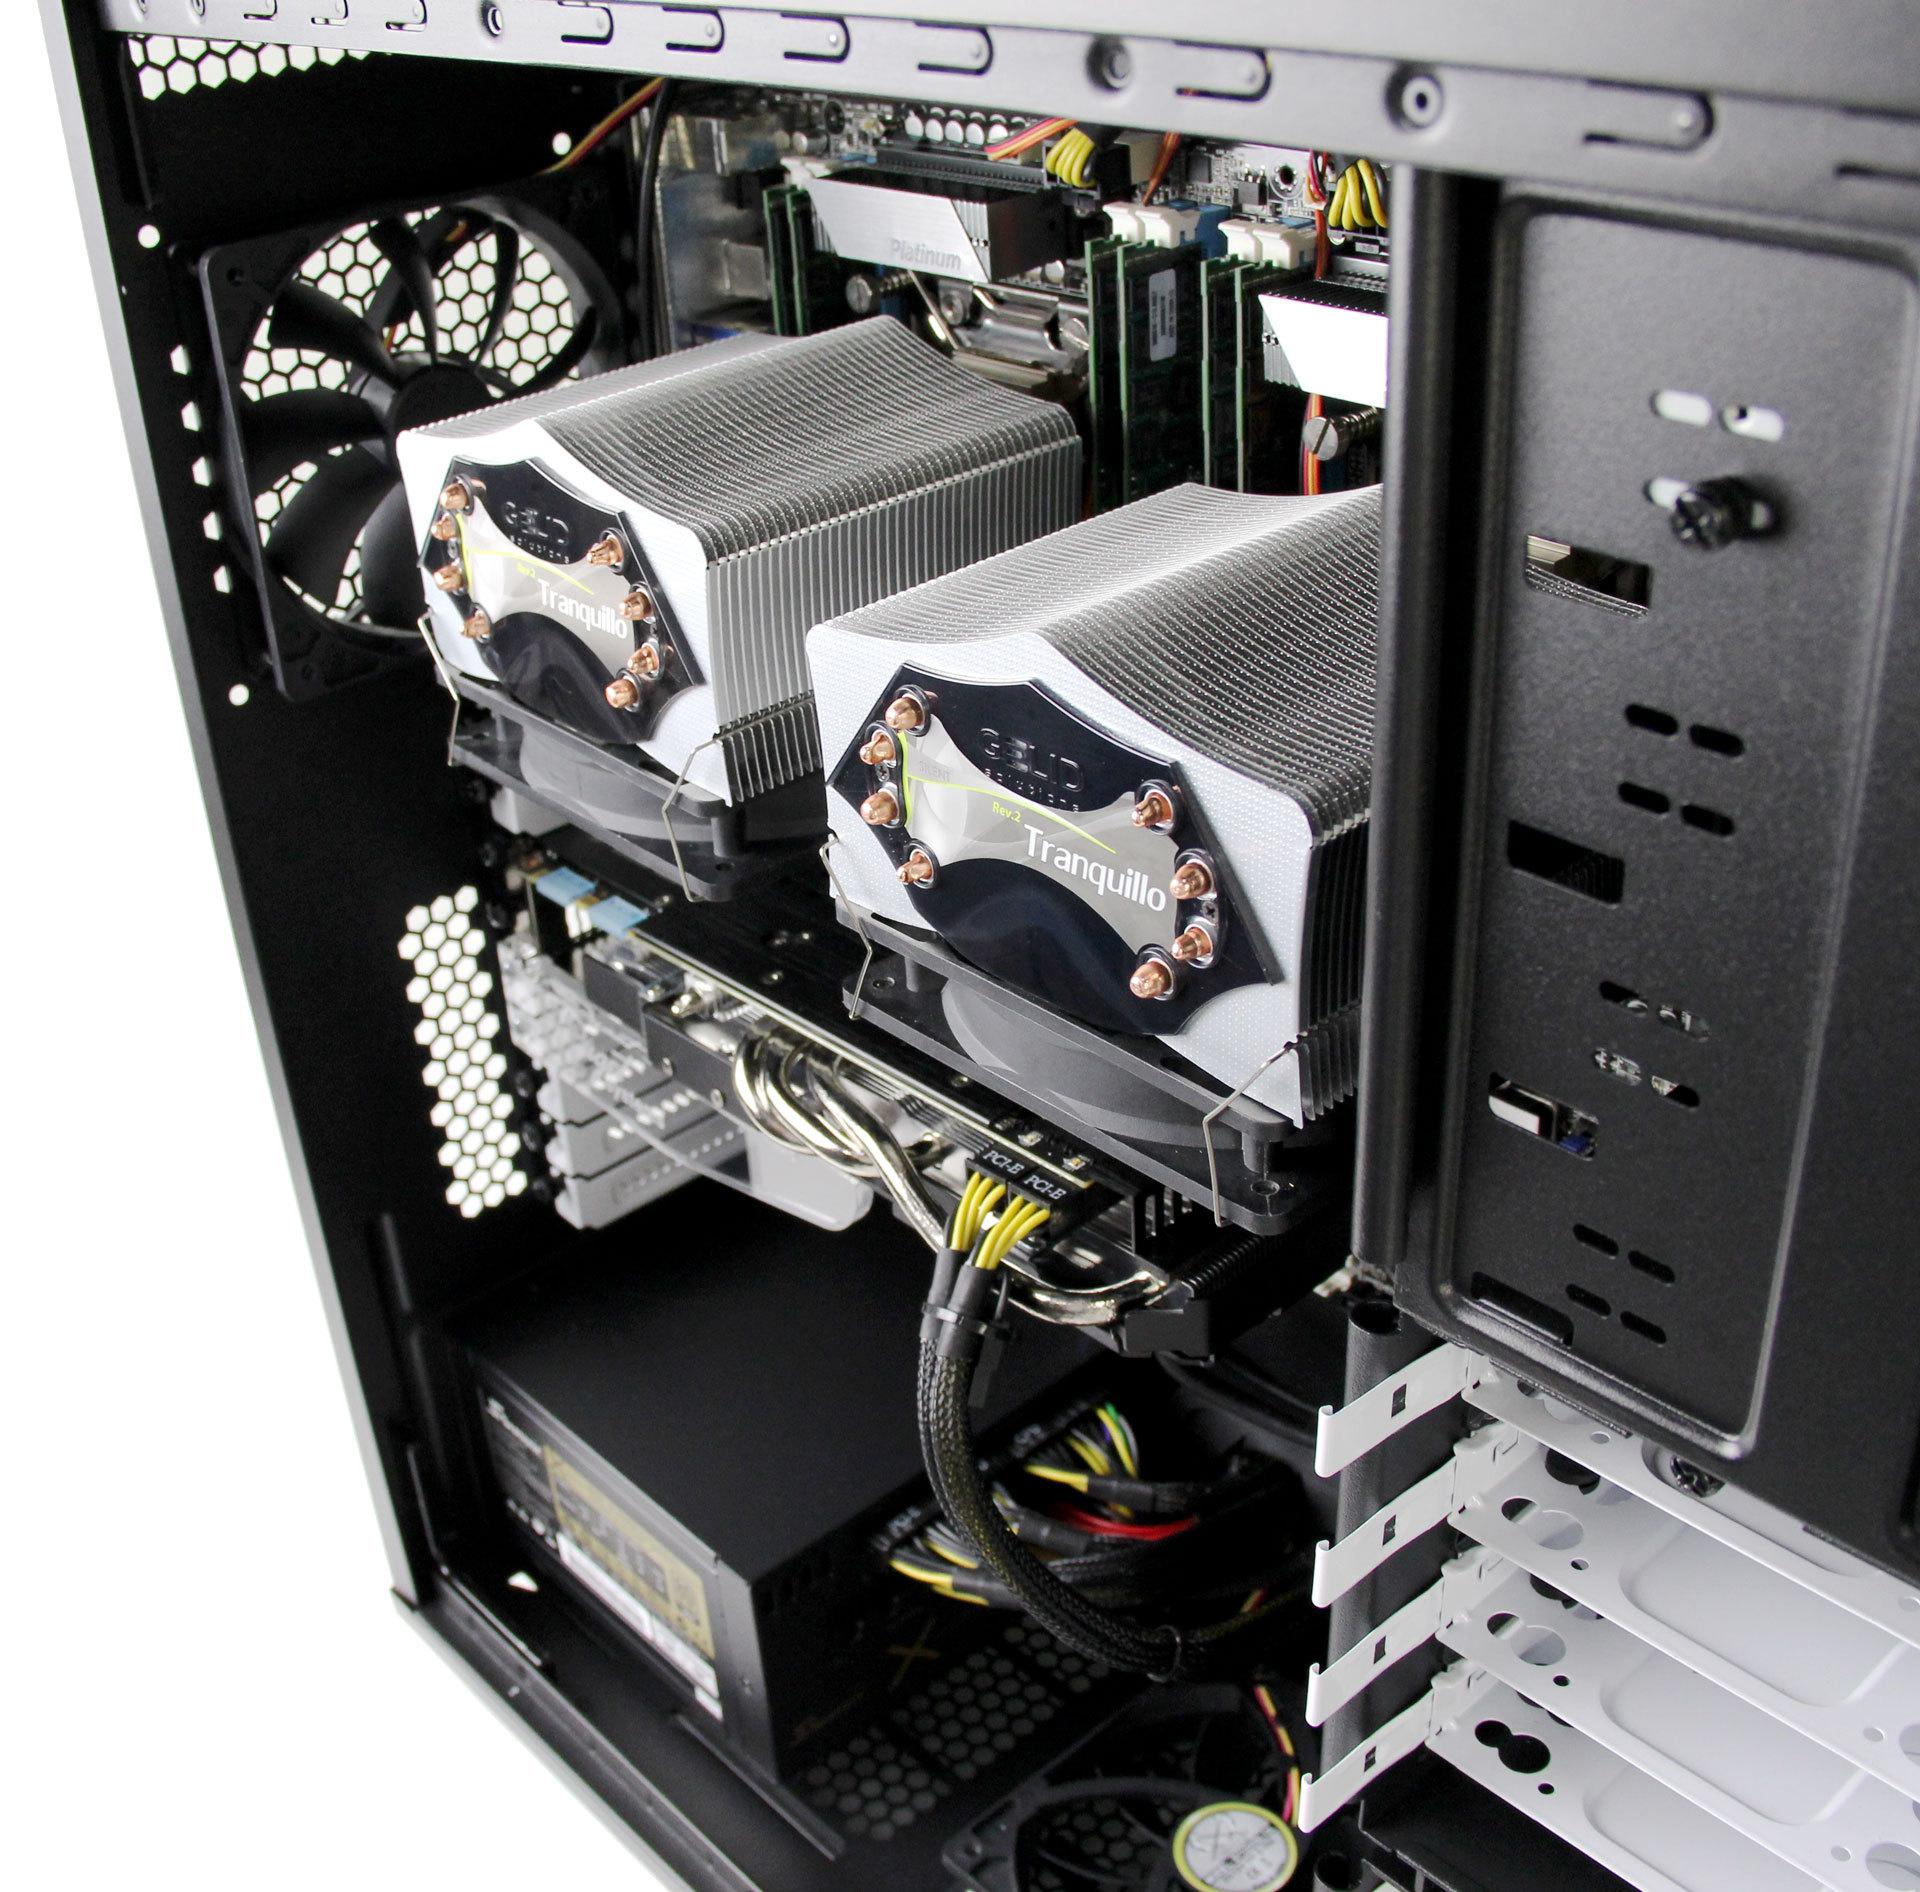 Fractal Design Define XL R2 Air Cooled System 2